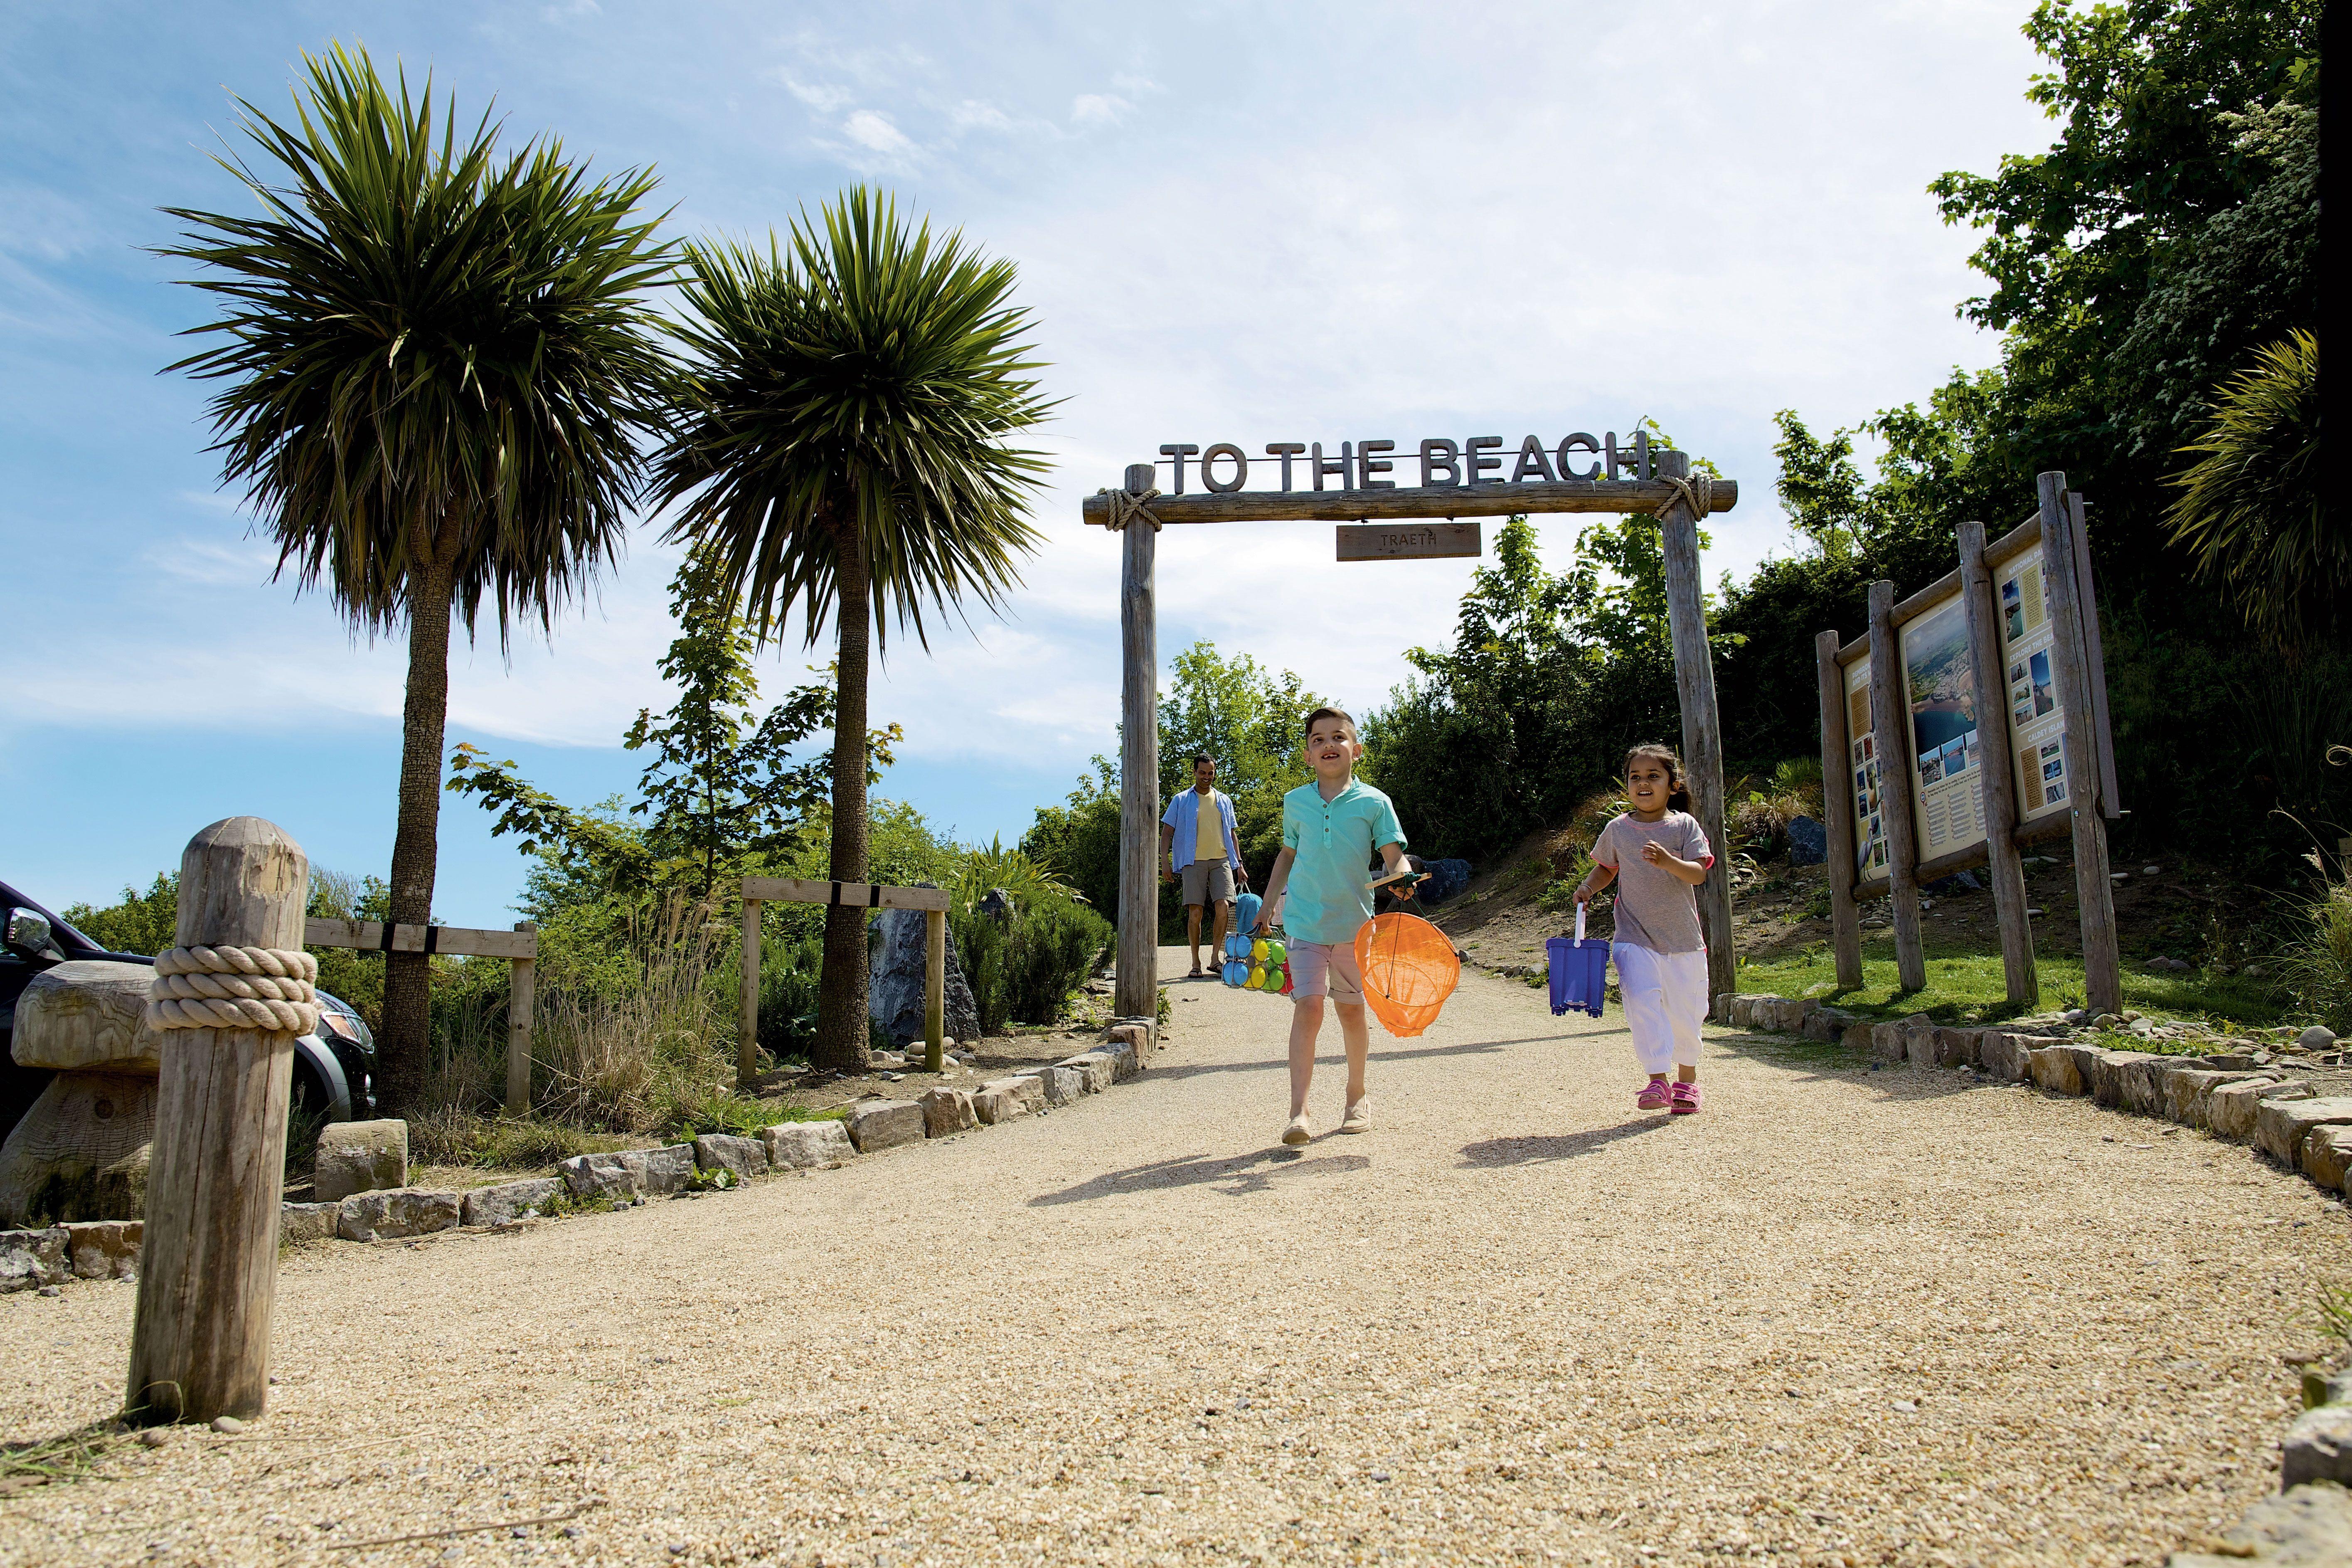 Information about Kiln Park